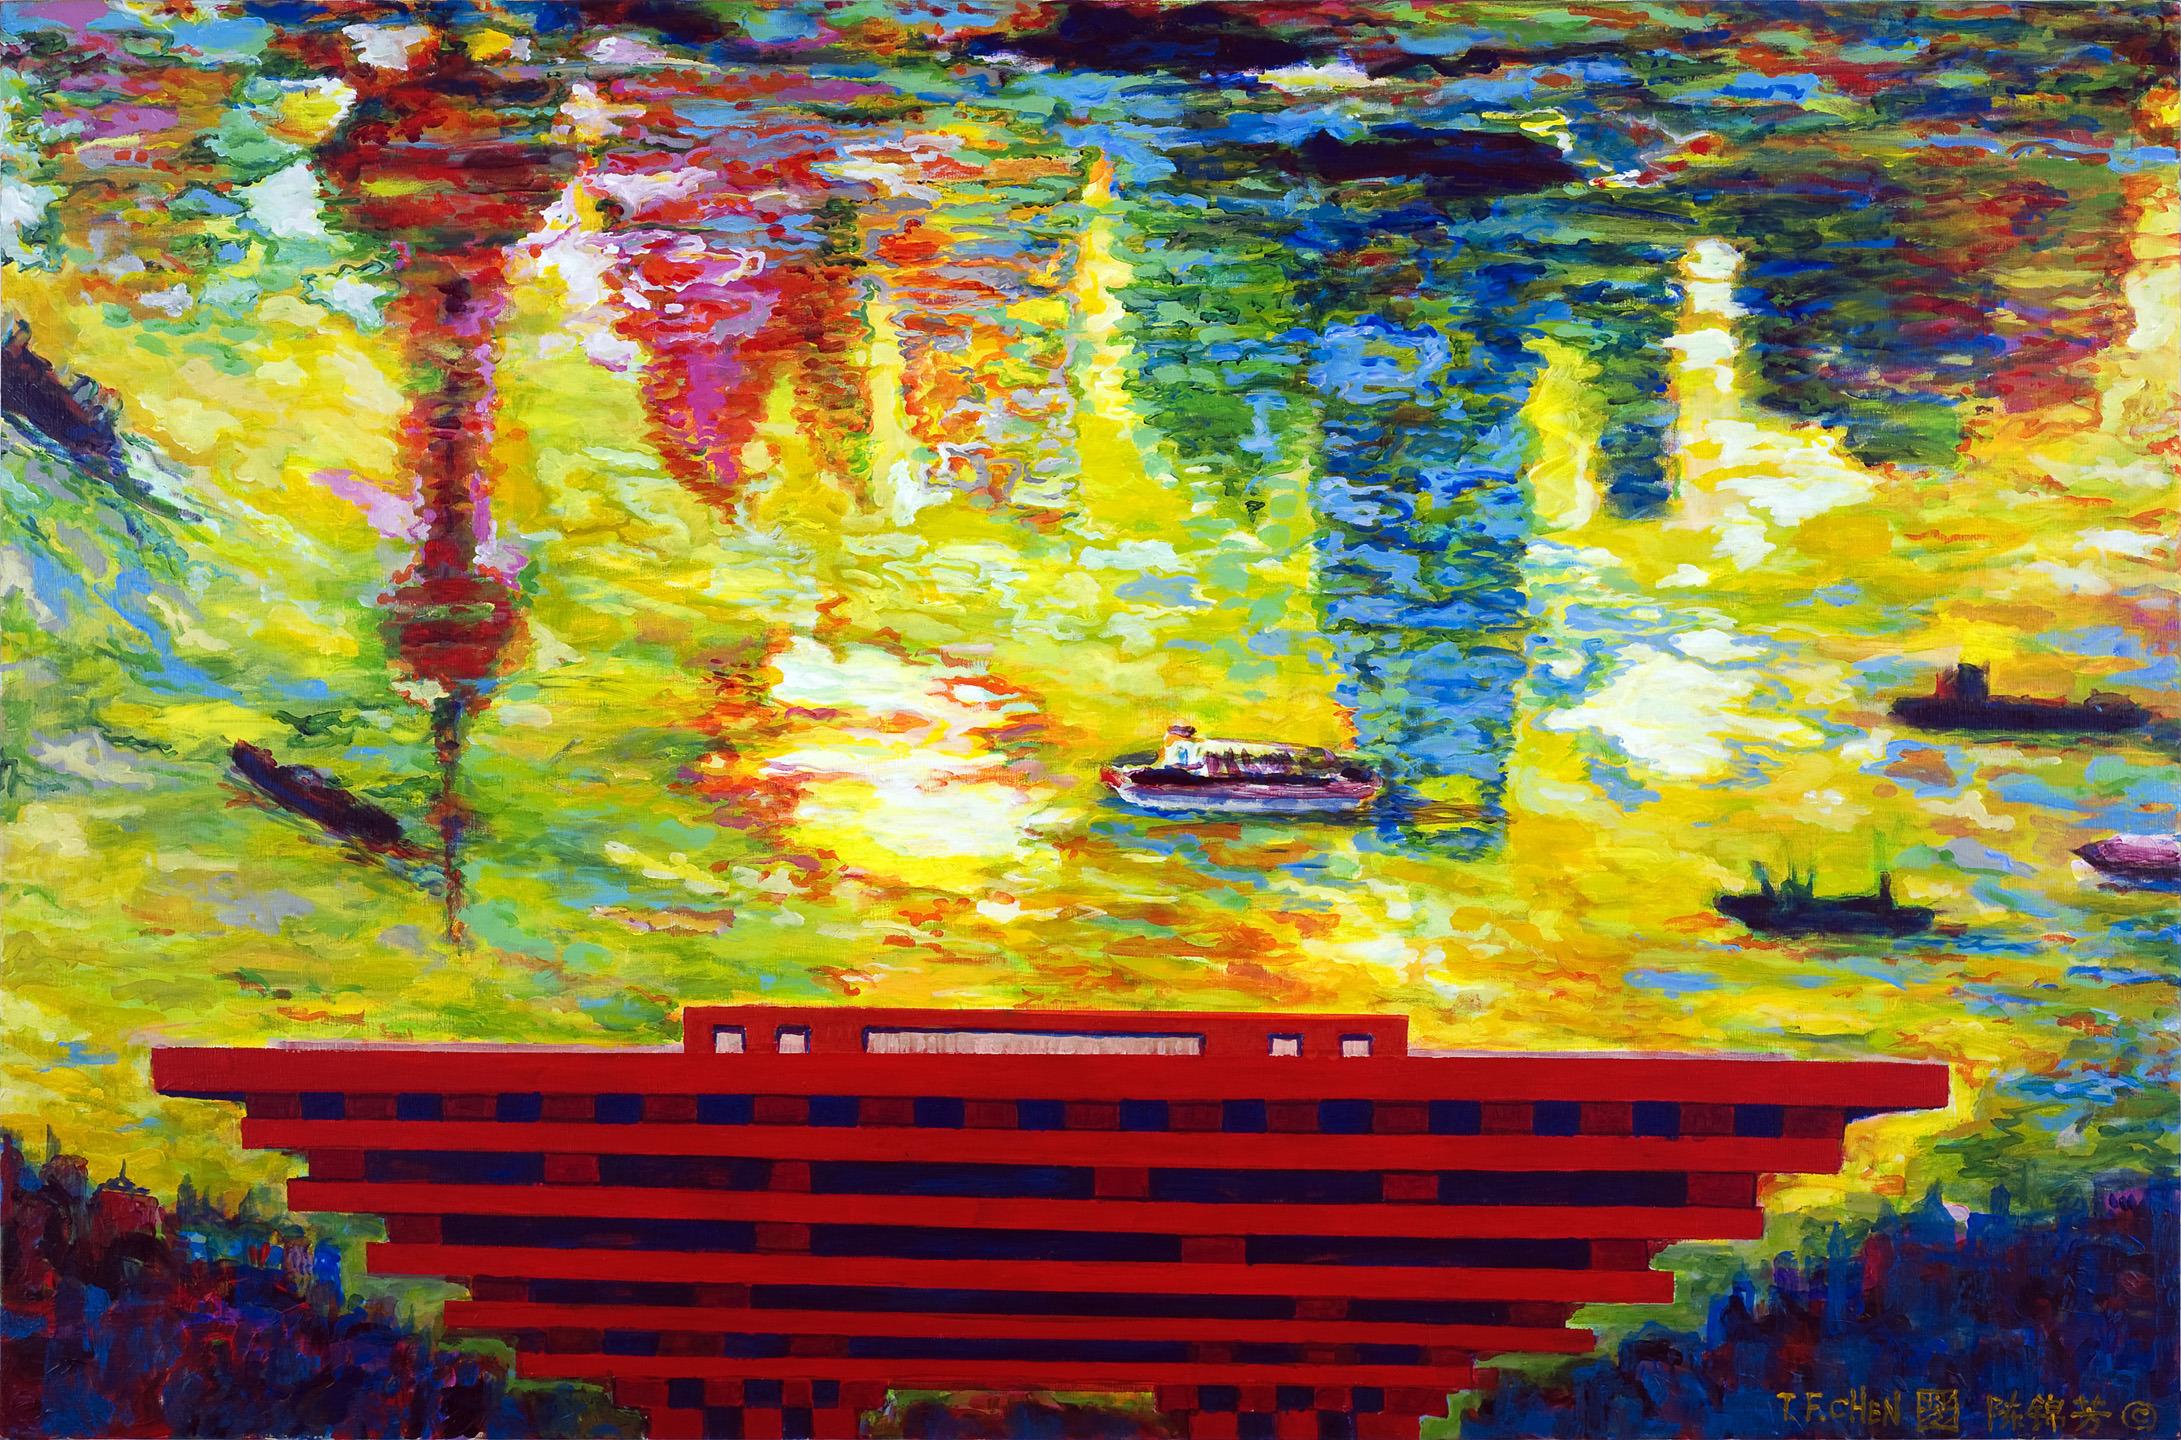 Shanghai Expo Dream upon Huangpu River